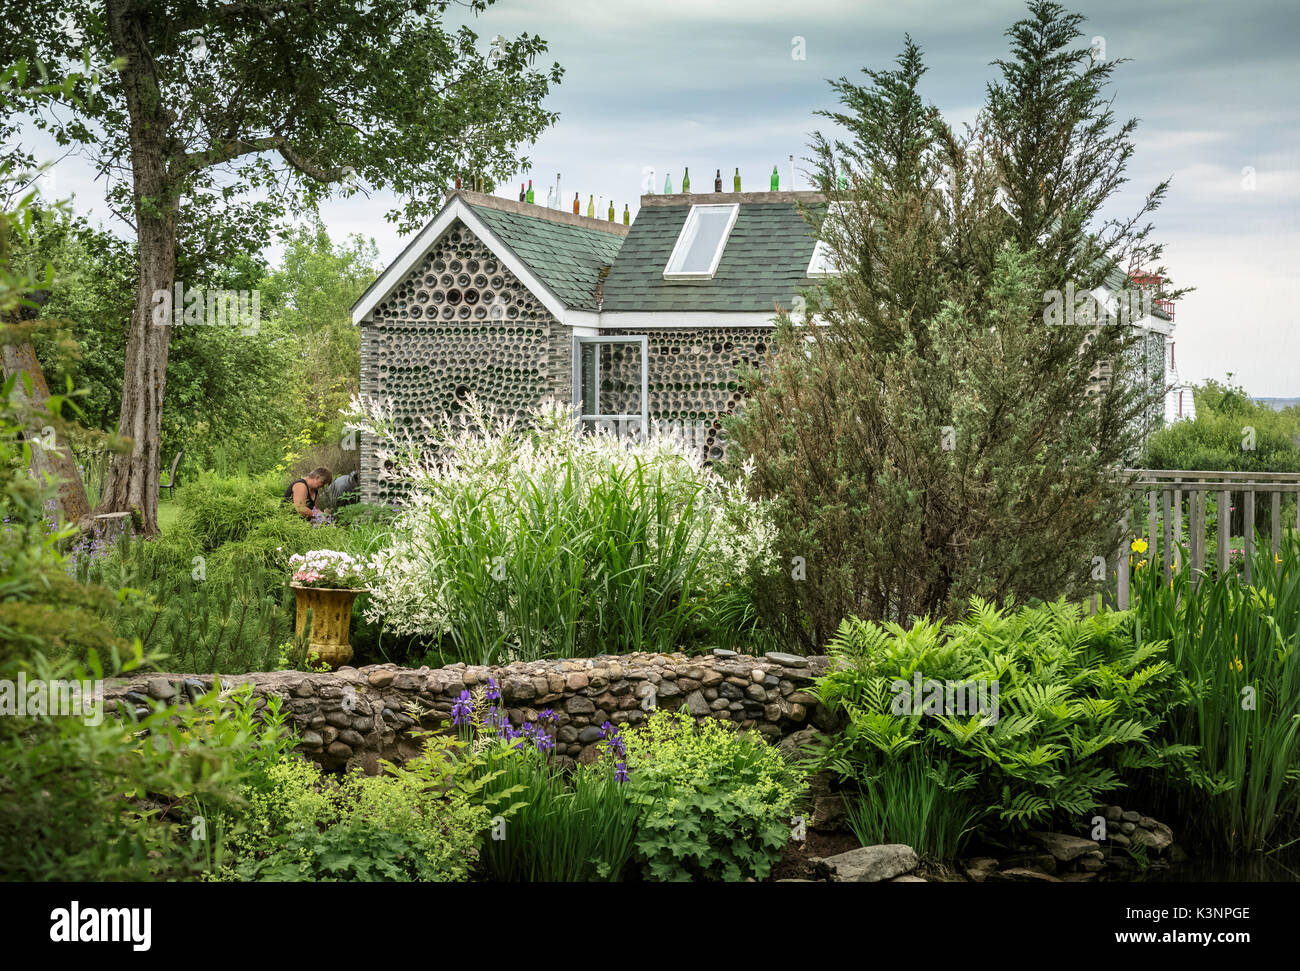 Wunderschöne Gärten wunderschöne gärten an der flasche häuser eine touristische